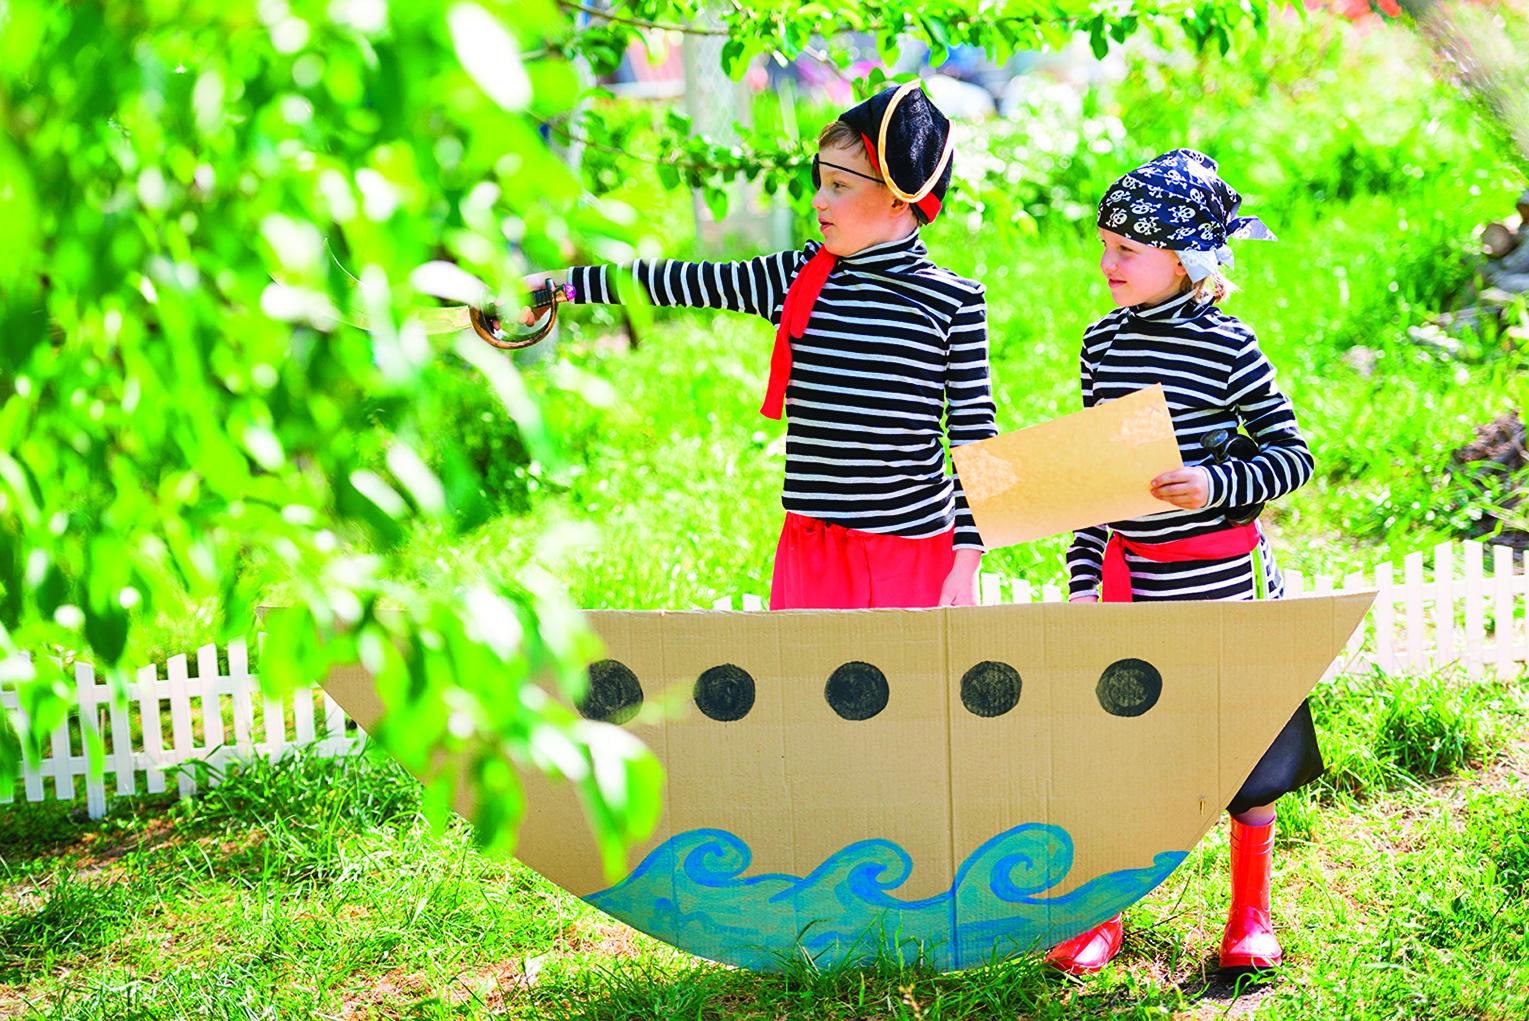 讓孩子運用想像力,在院子裏面遊玩。